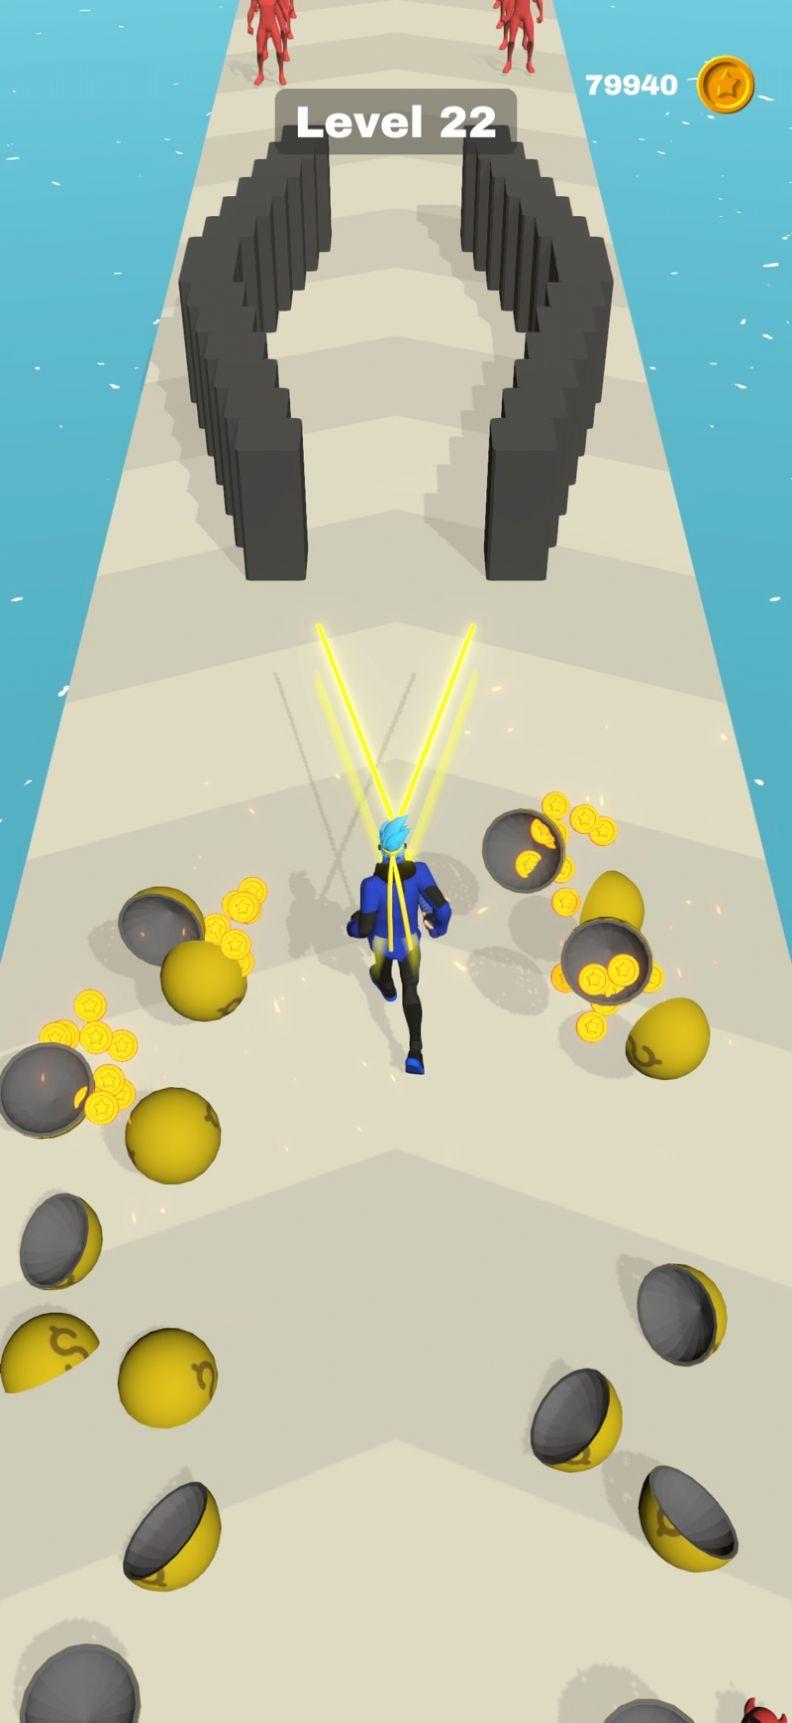 万物皆斩游戏IOS最新版图片1